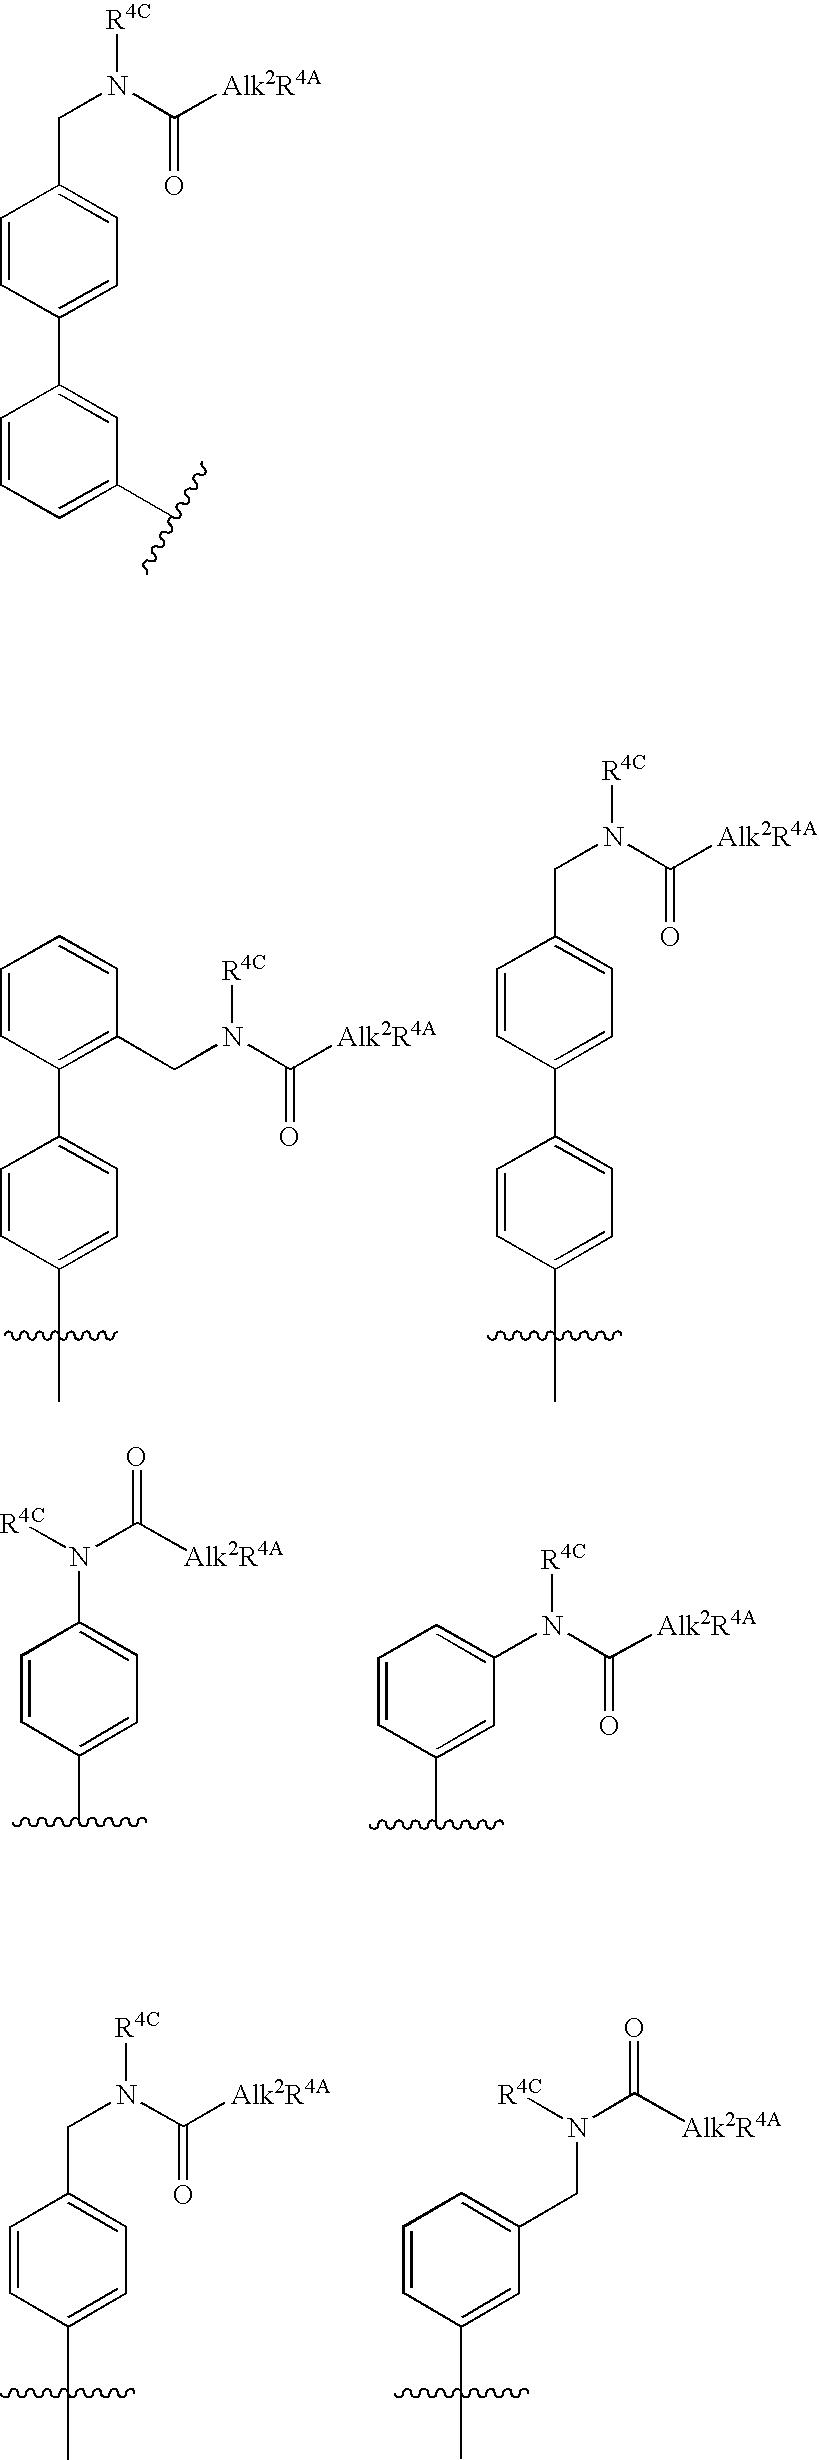 Figure US20040072849A1-20040415-C00060